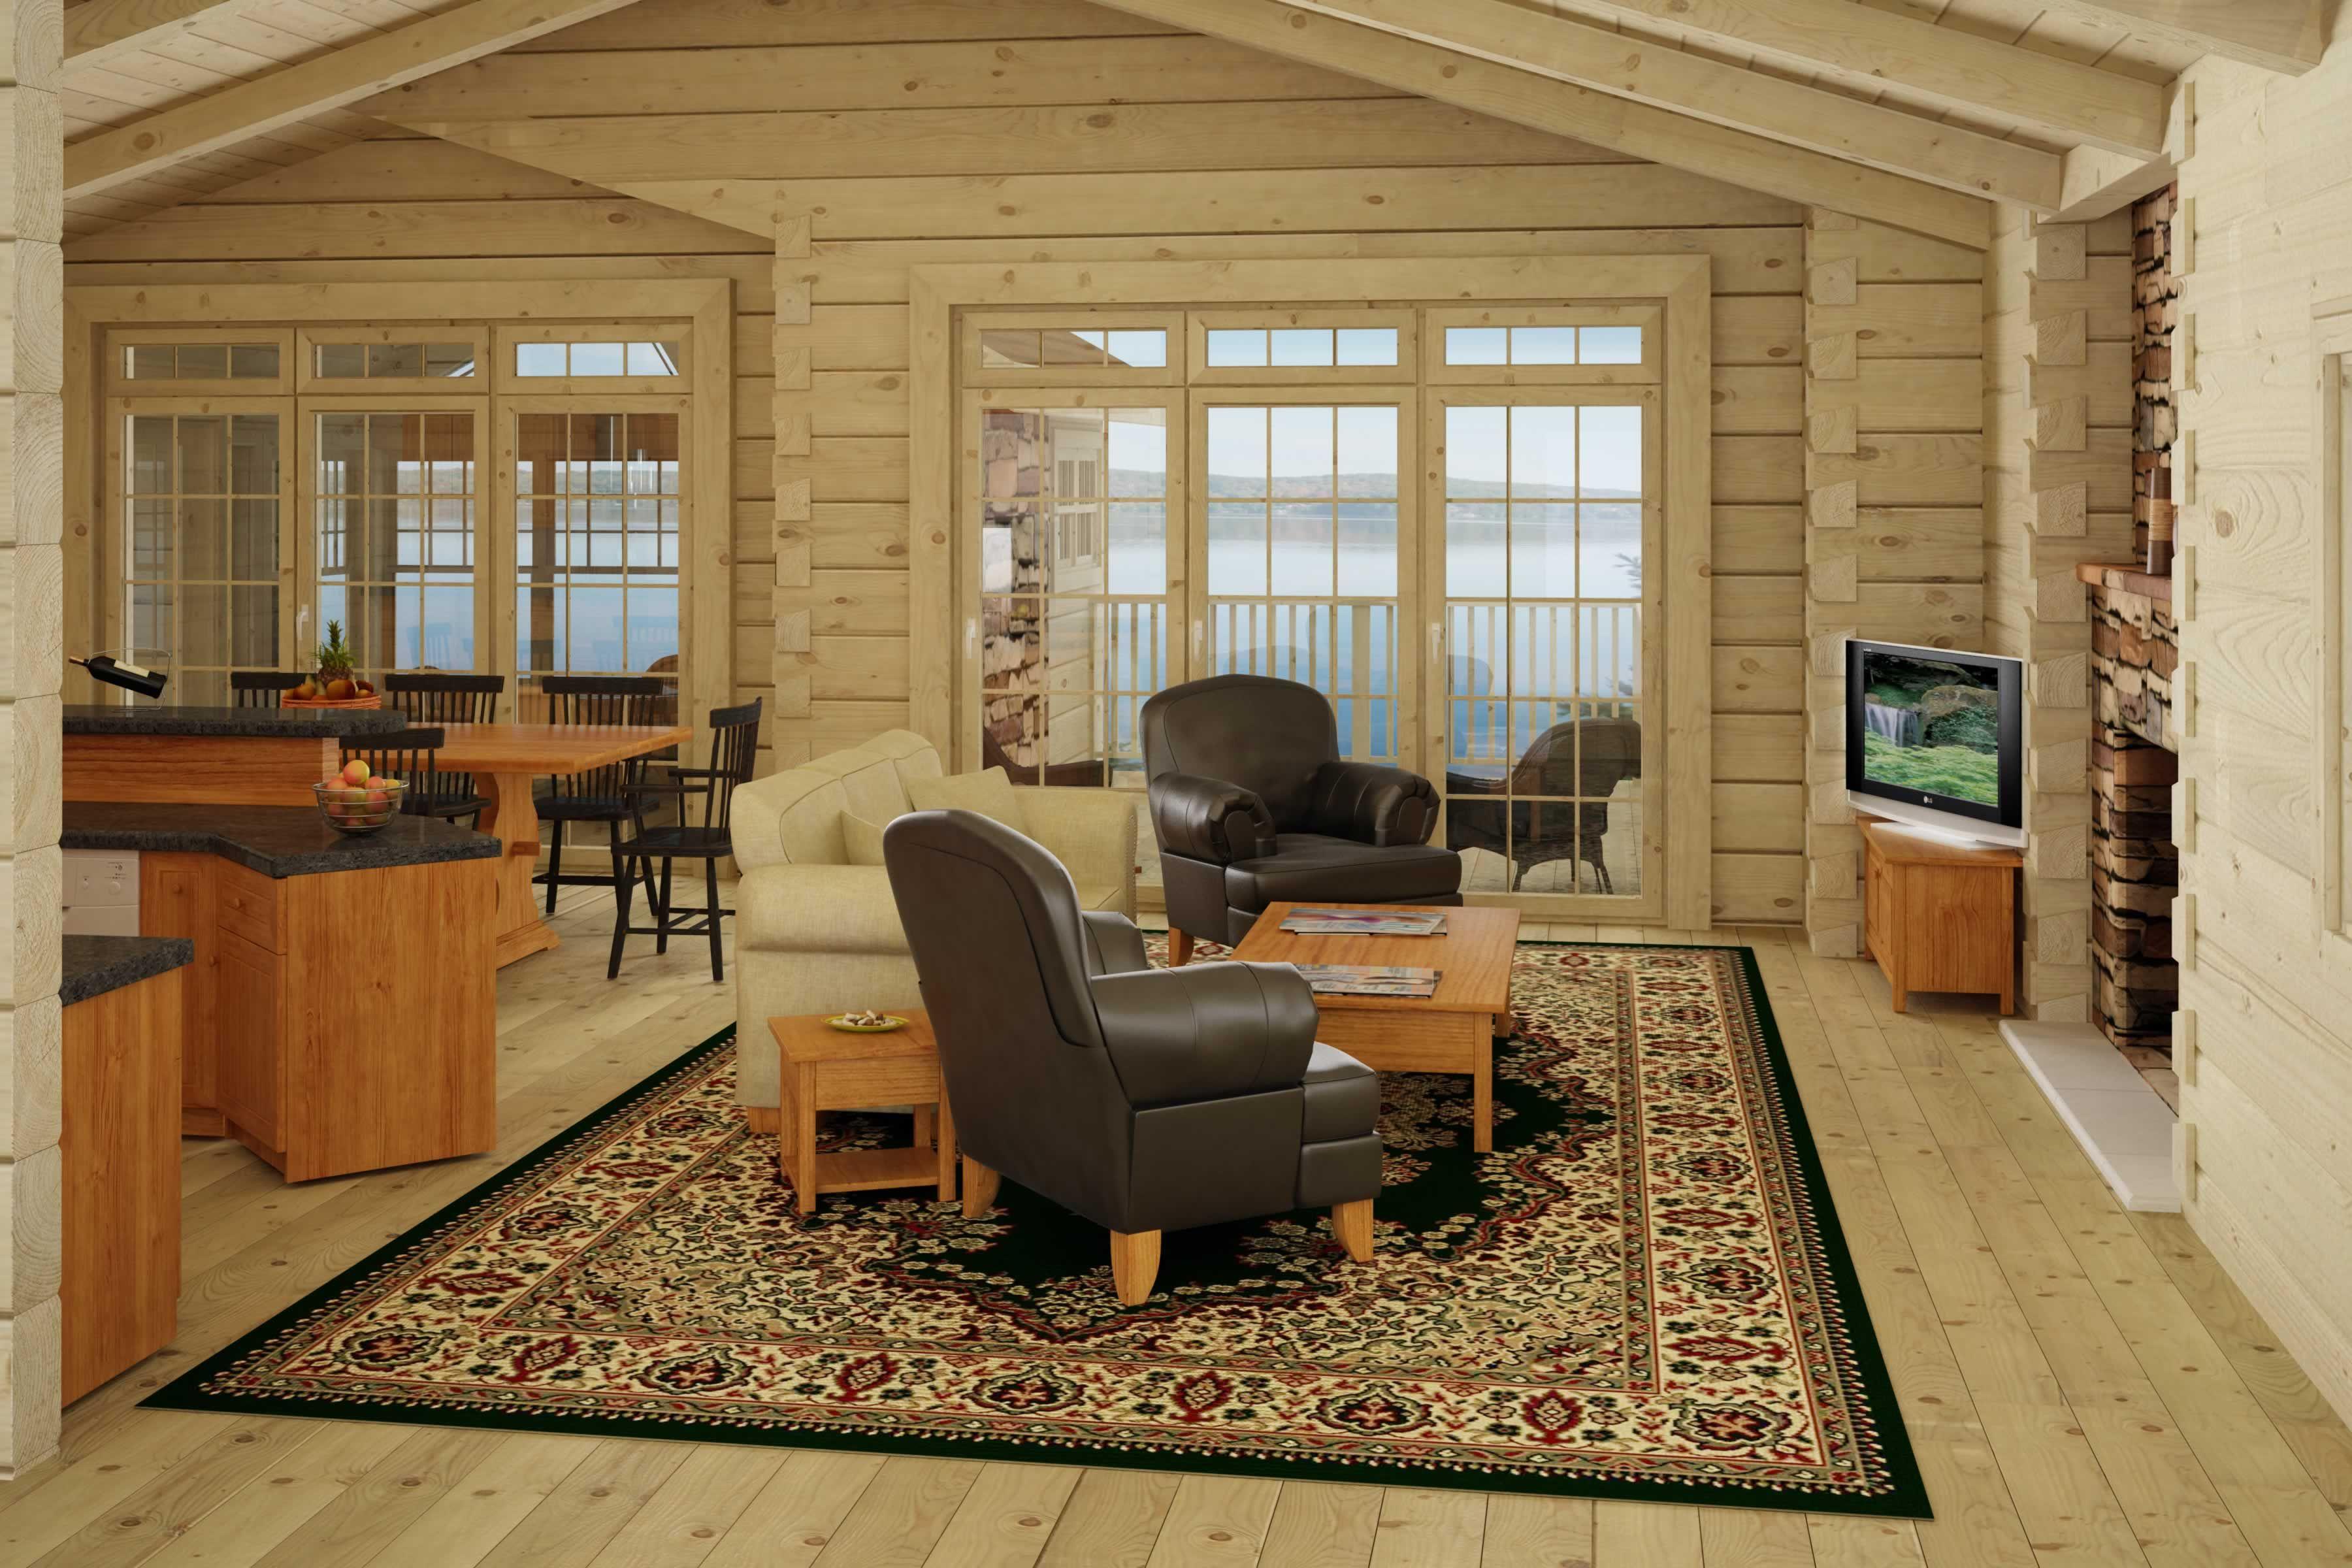 60b7d31e70ba3b33d3bda48bbf7981b0 - 14+ Small Victorian House Interior Design  Images